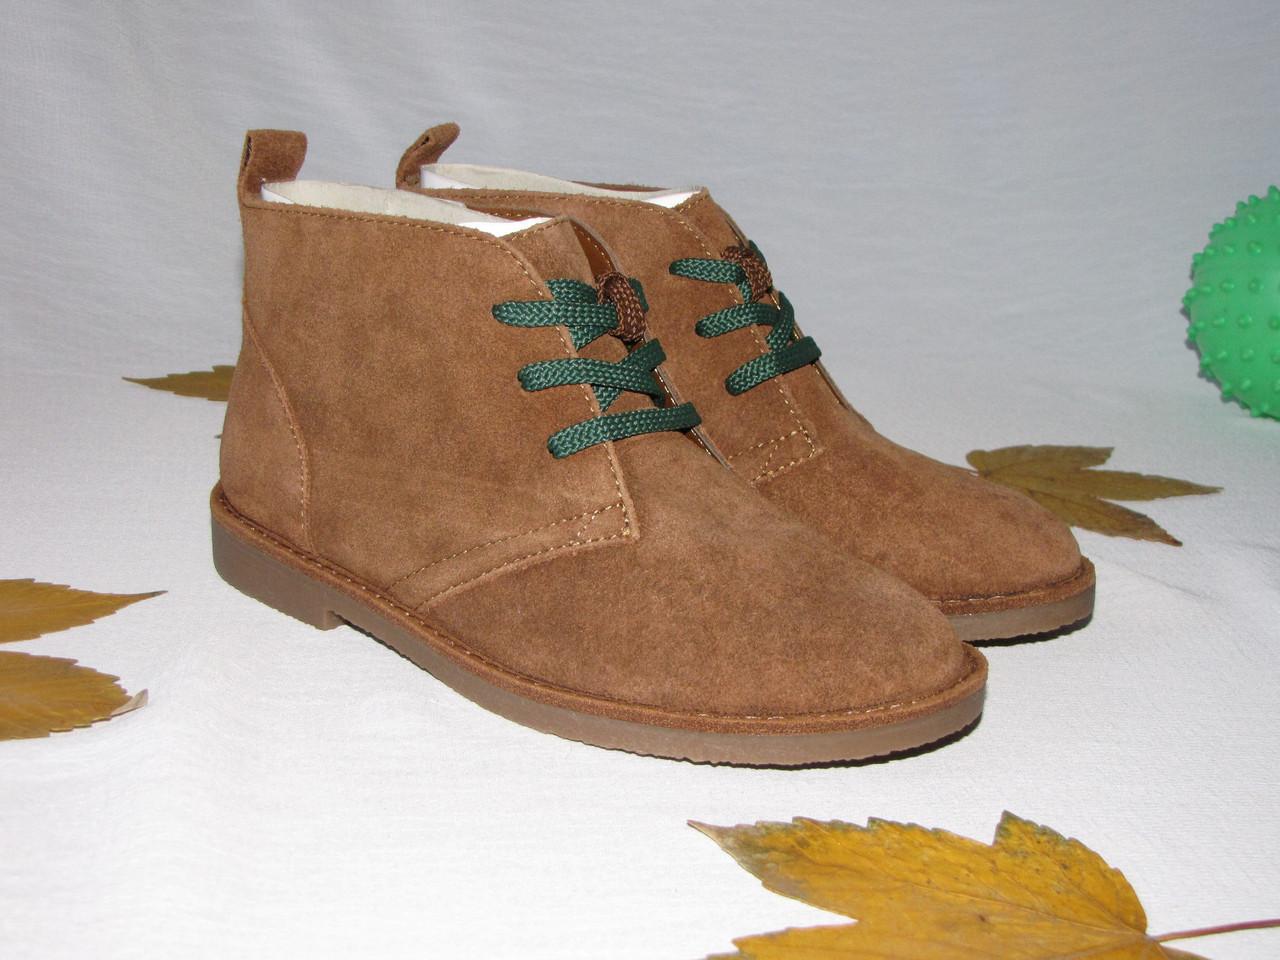 Ботинки подростковые осенниеLands'End оригинал размер 36 коричневые 08019/02